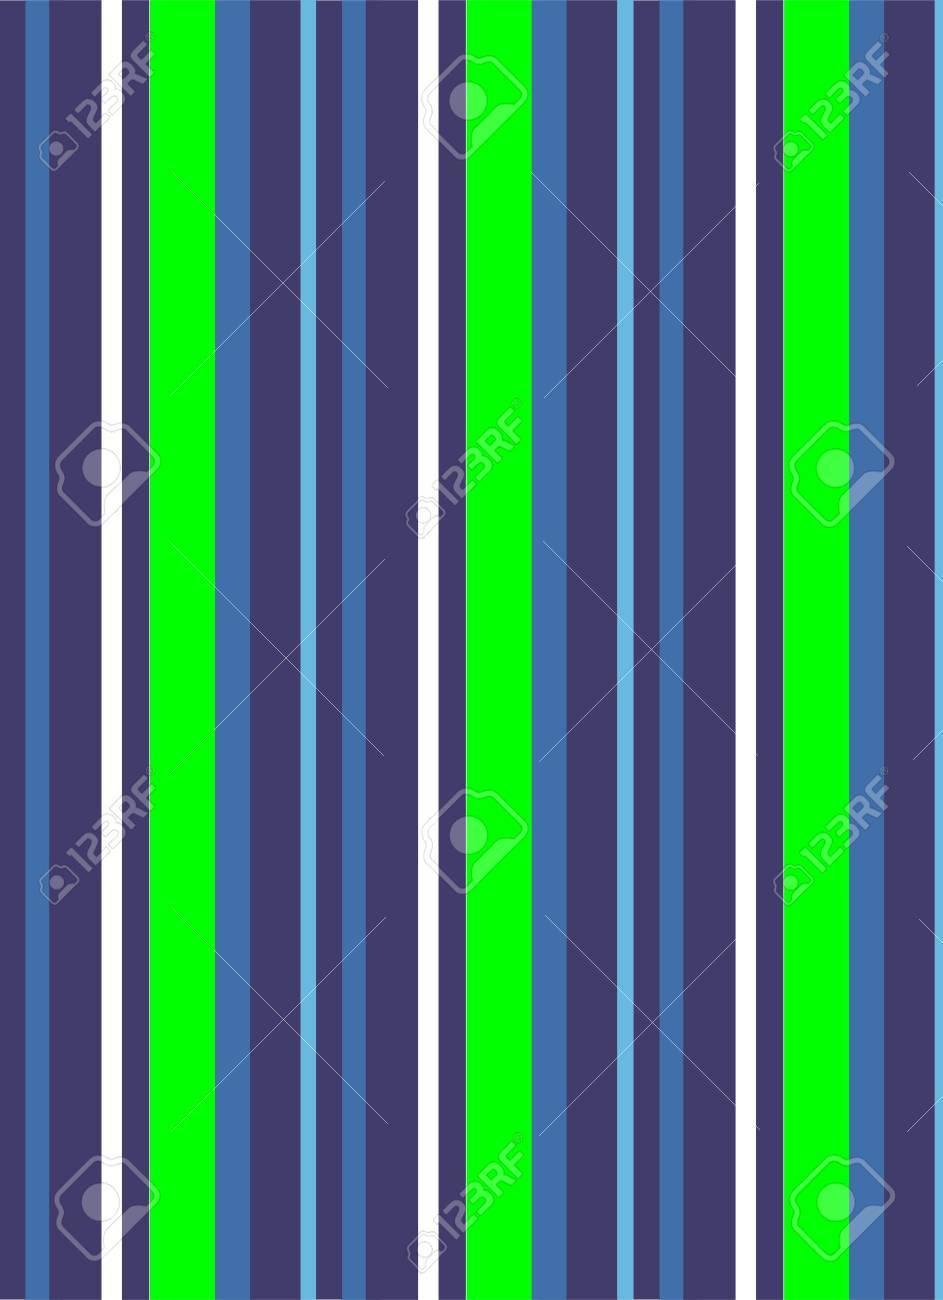 Serviette De Plage Fluo.Une Illustration De Rayures Bleues Et Vert Fluo Qui Ressemblent A Une Serviette De Plage